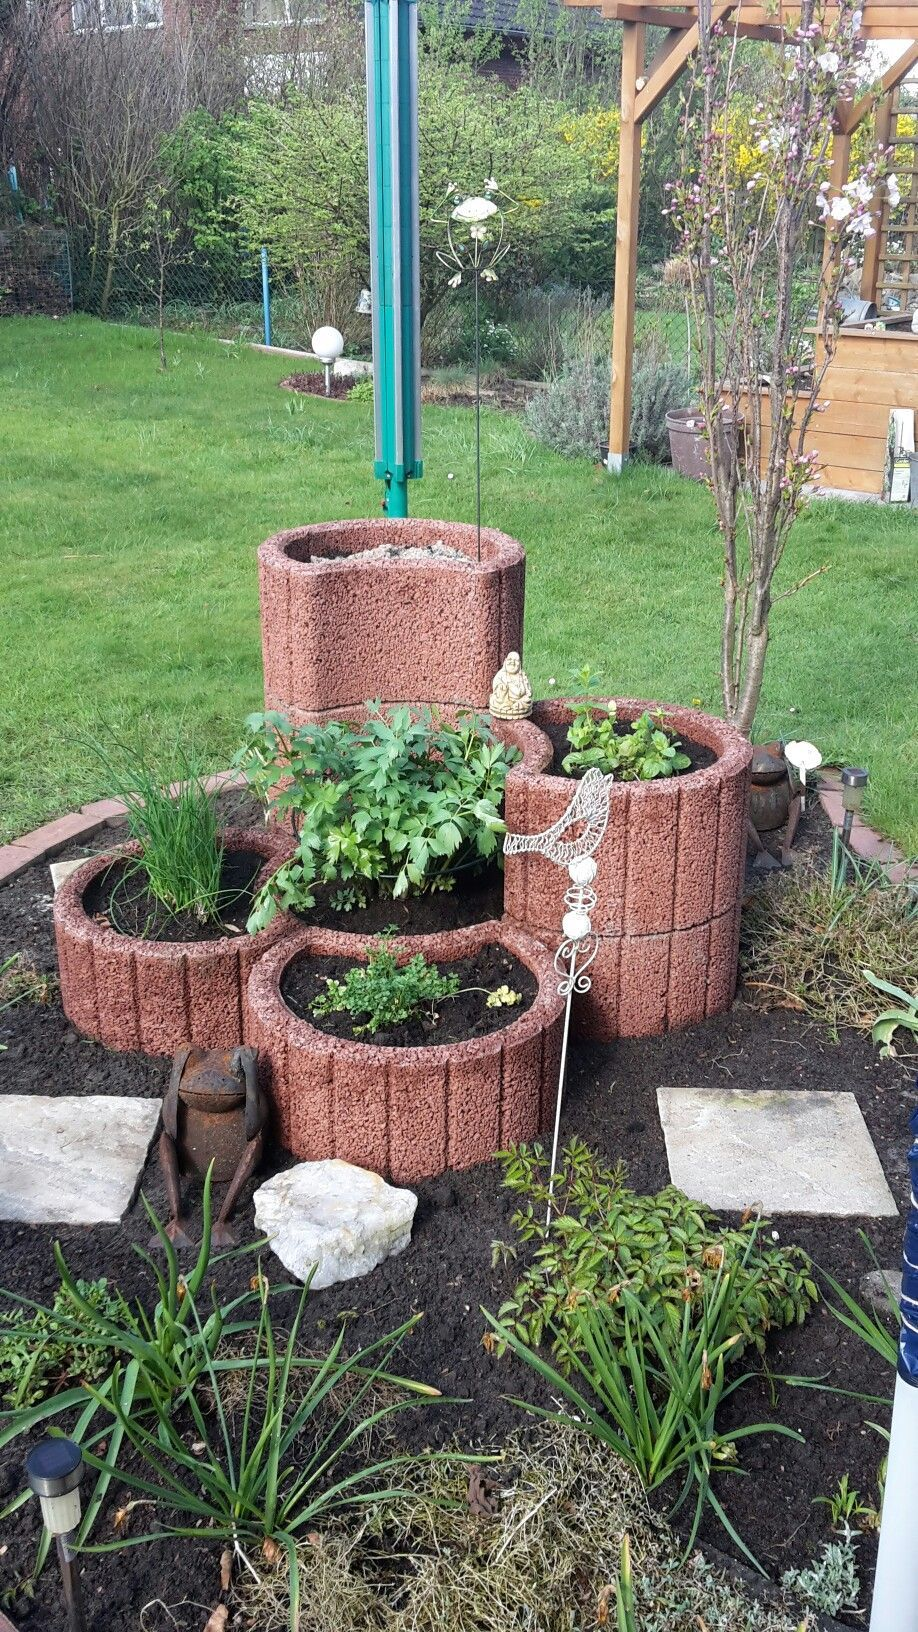 Hochbeet Krauterbeet Aus Pflanzsteinen Krautergarten Jetzt Macht Das Ernten Spass In 2020 Herb Garden Pallet Plants Herb Garden